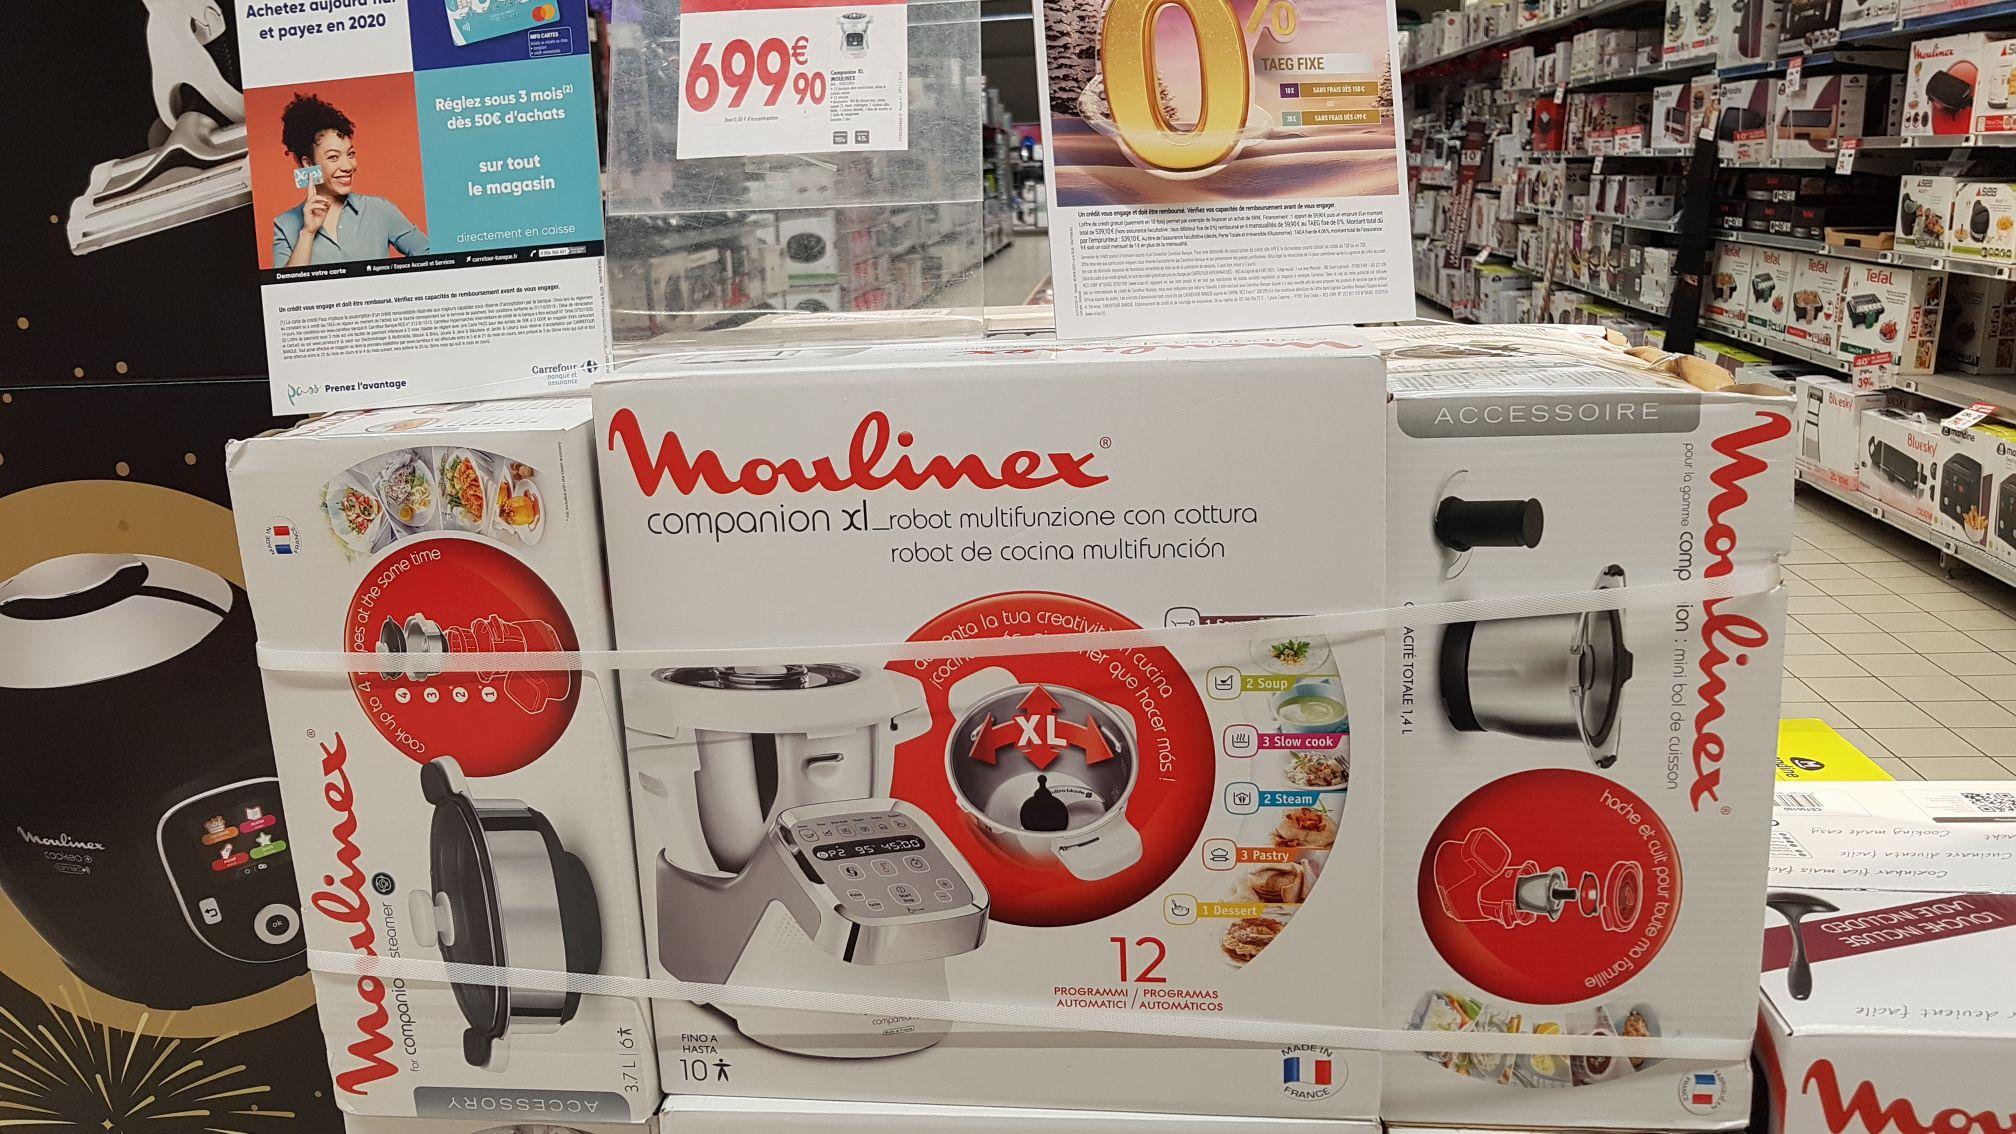 Moulinex Compagnon XL + Accessoires (+140€ de bons d'achat) - Riom (63)